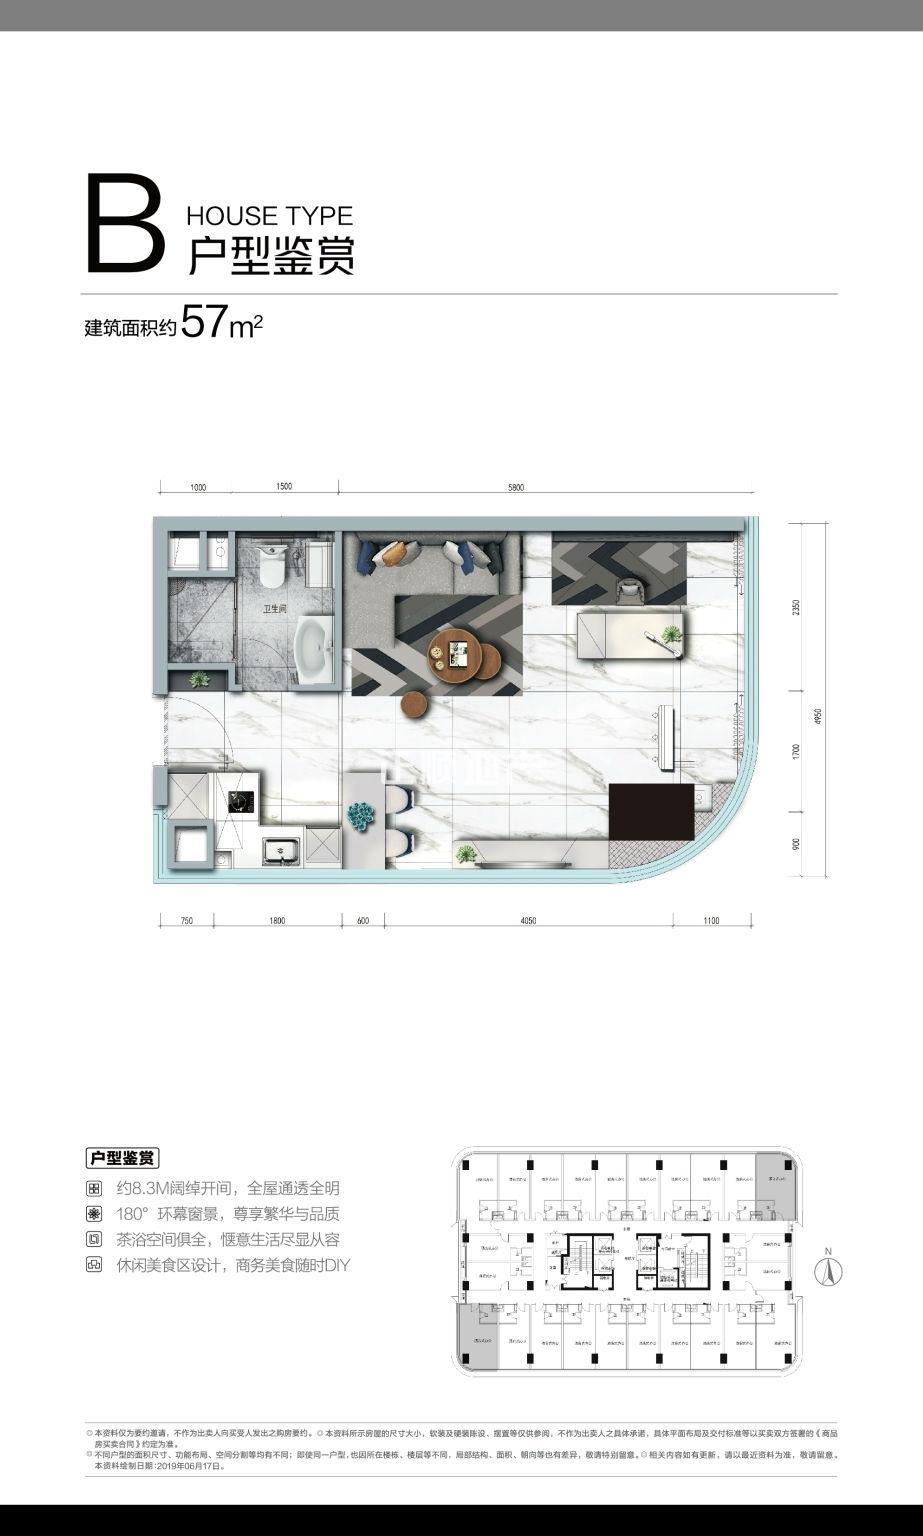 碧桂园臻湾国际 - 户型图